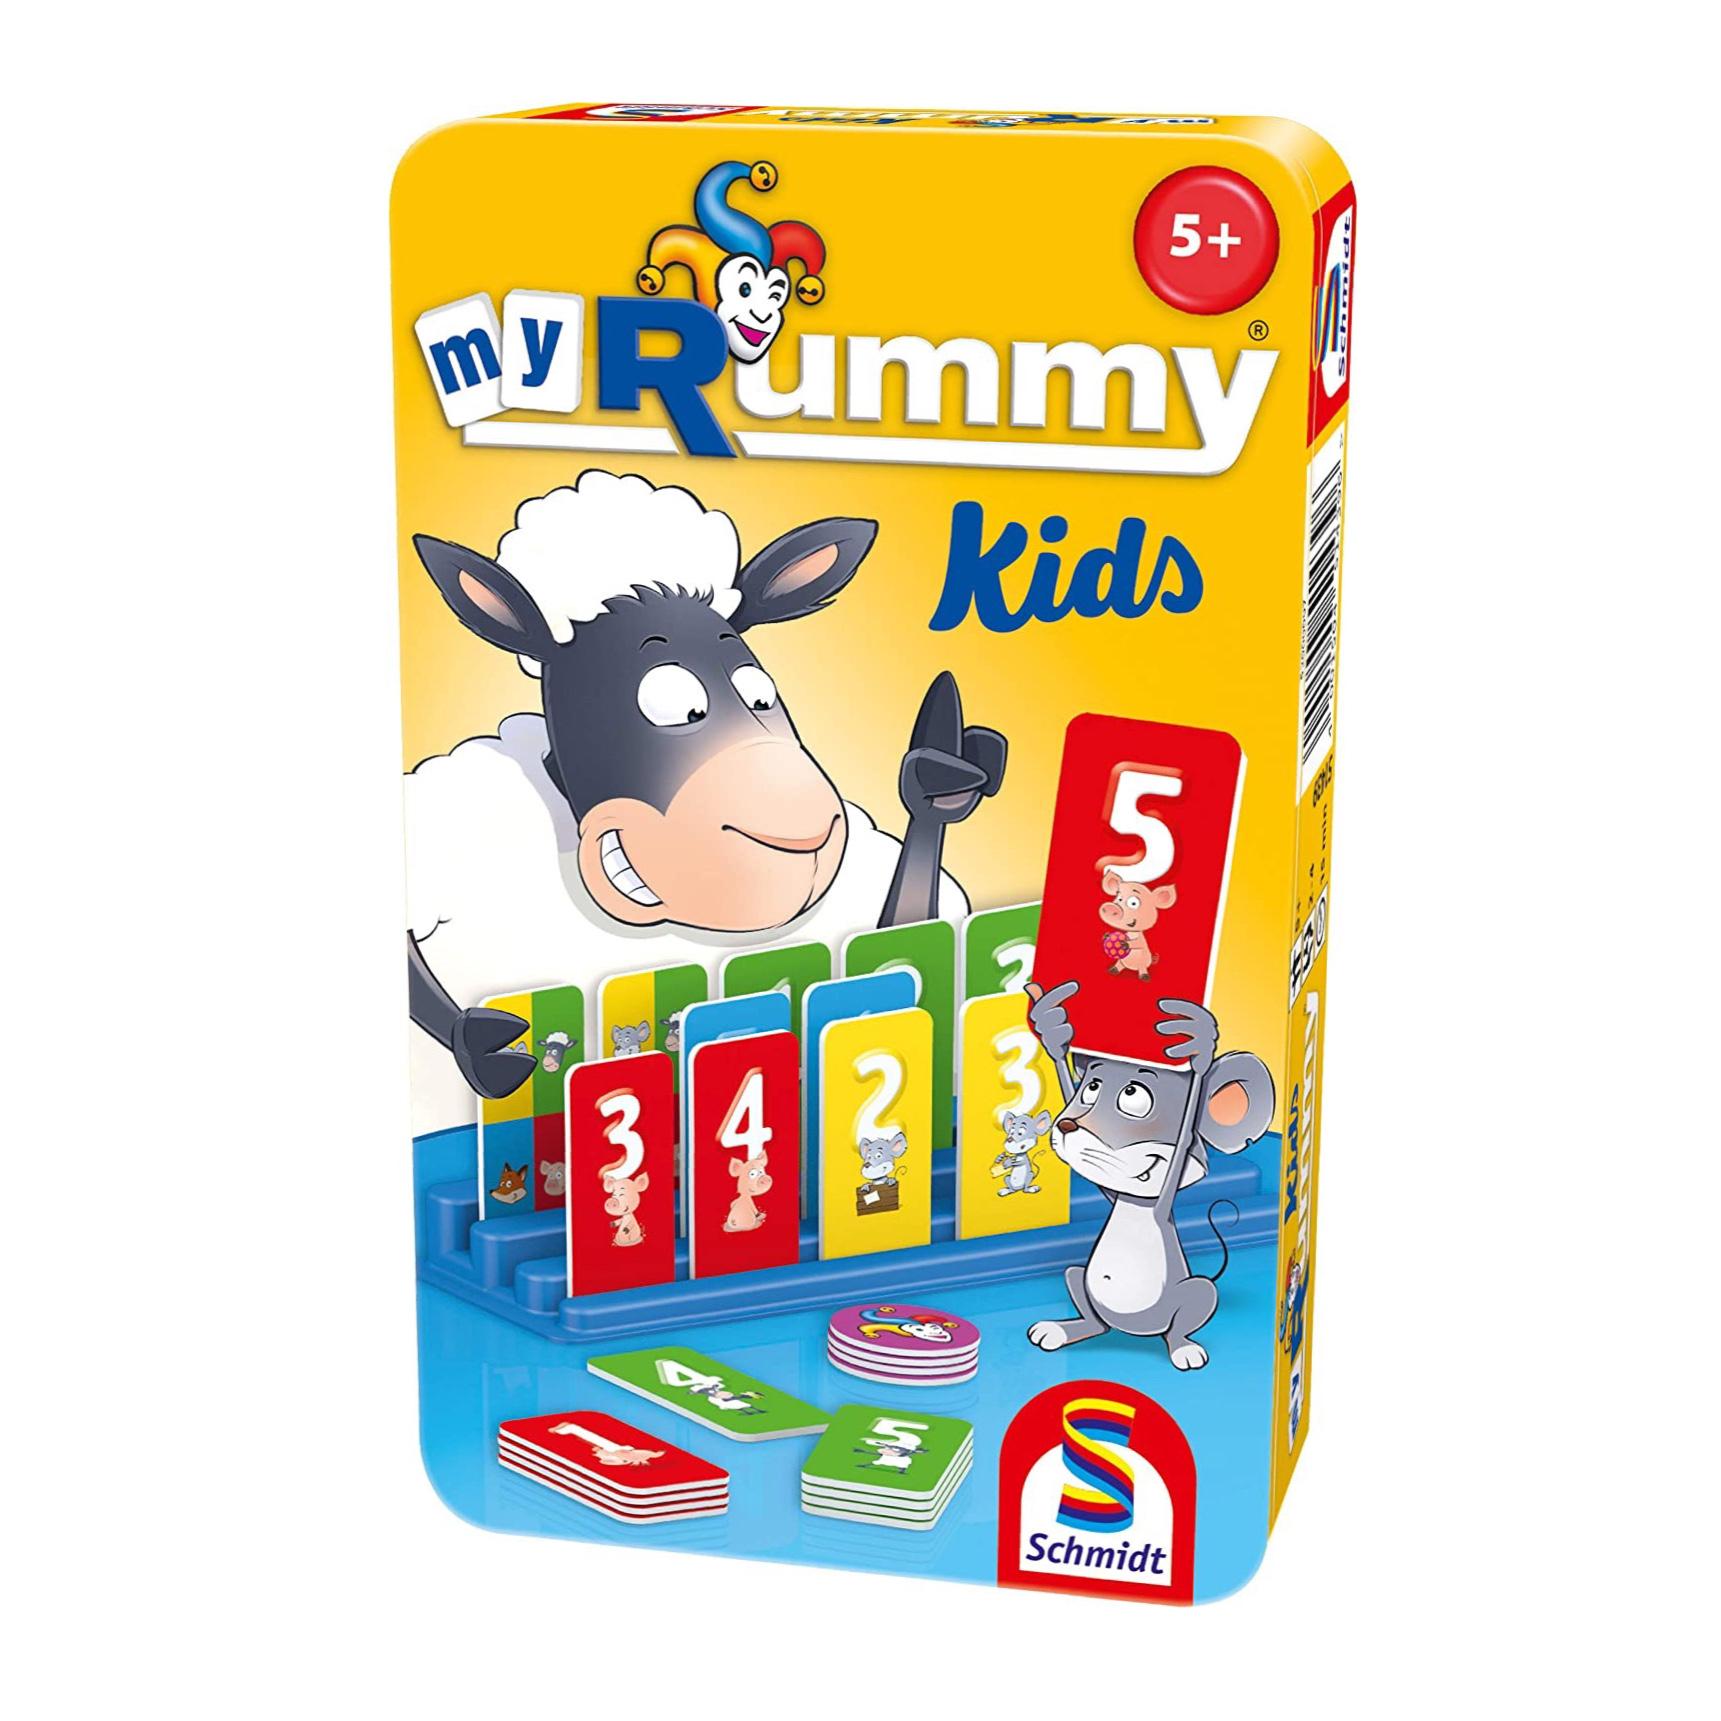 MyRummy Kids Reisespiel